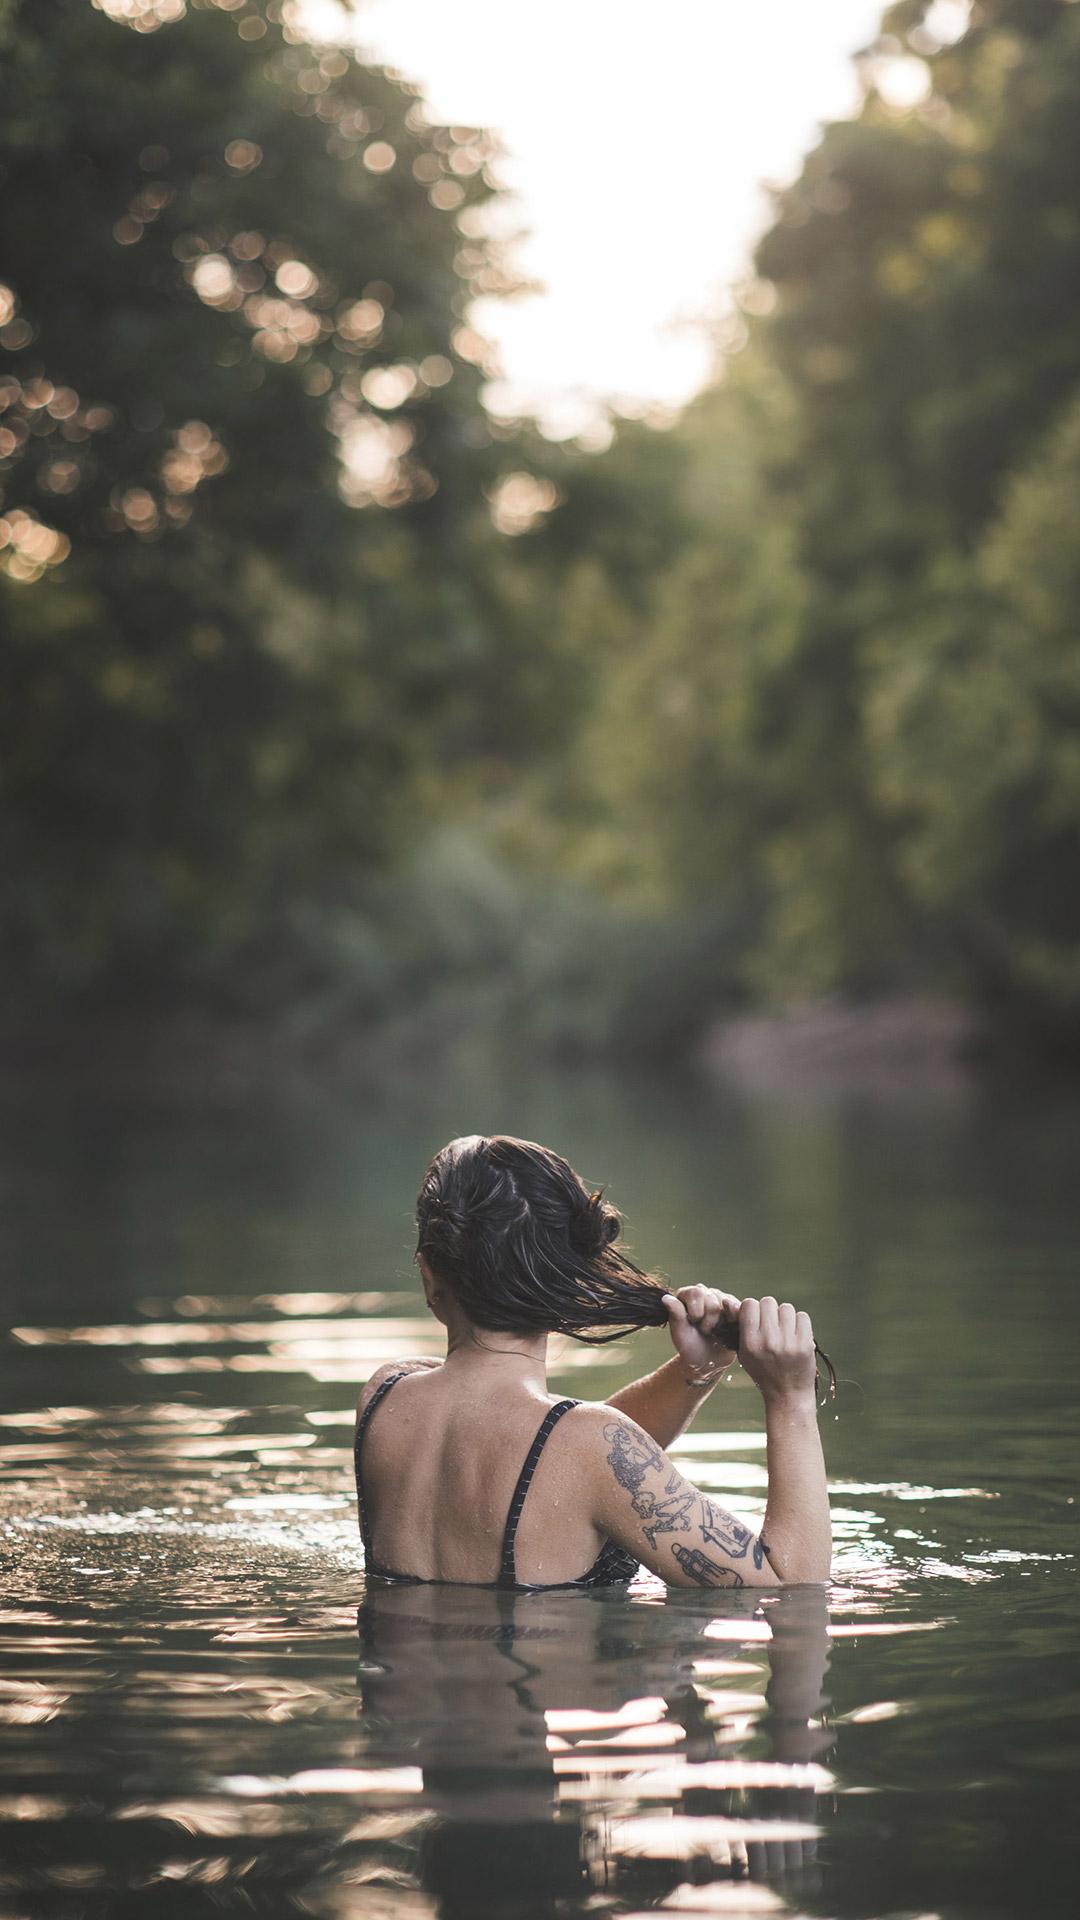 Fluss im nackt baden Nacktbaden .